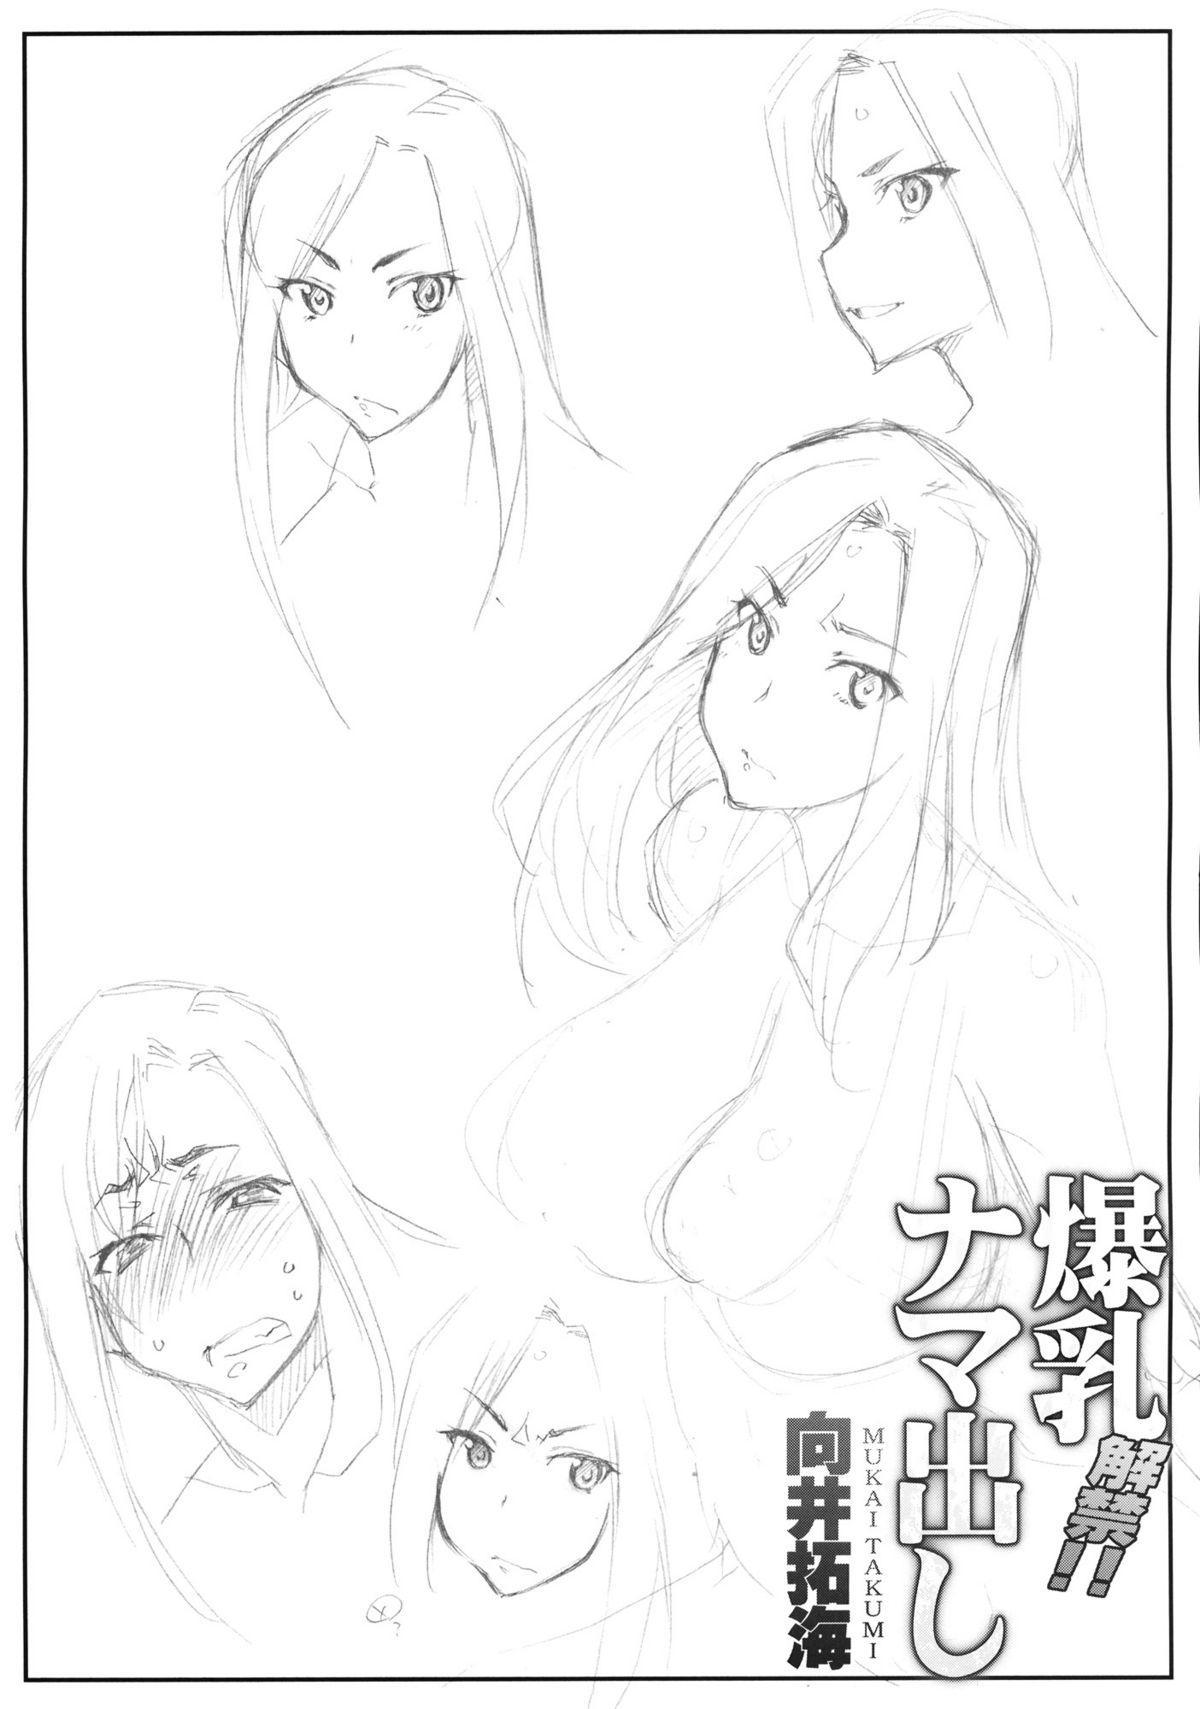 Kaikin! Bakunyuu Nama Dashi Mukai Takumi 2